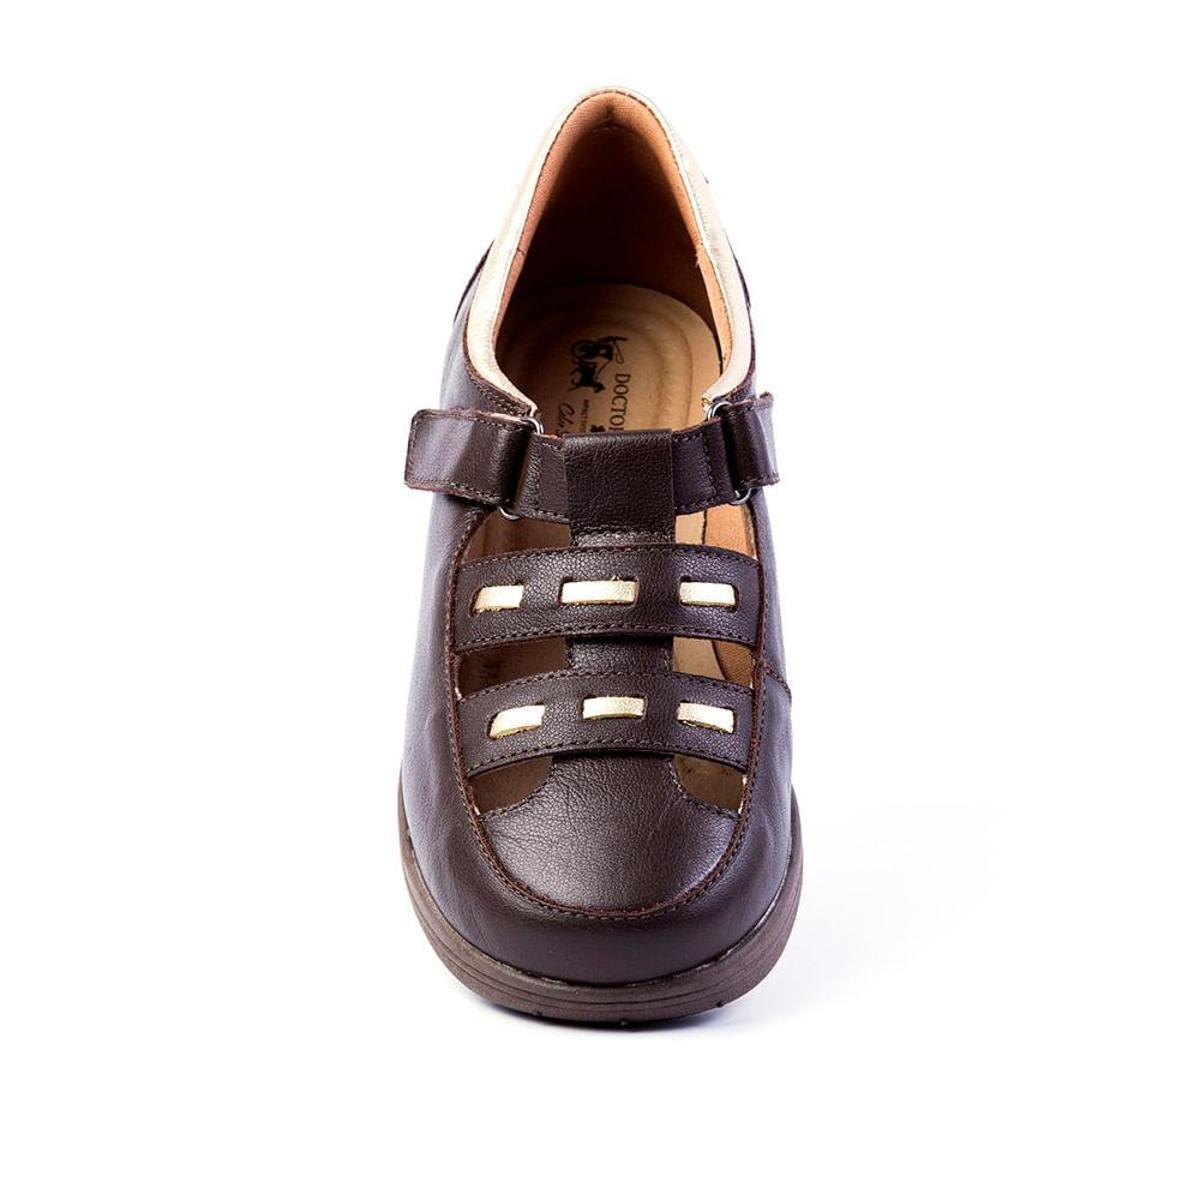 Sapato Couro Sapato Doctor Shoes em Feminino Café 188 Feminino Anabela UqdTxq1